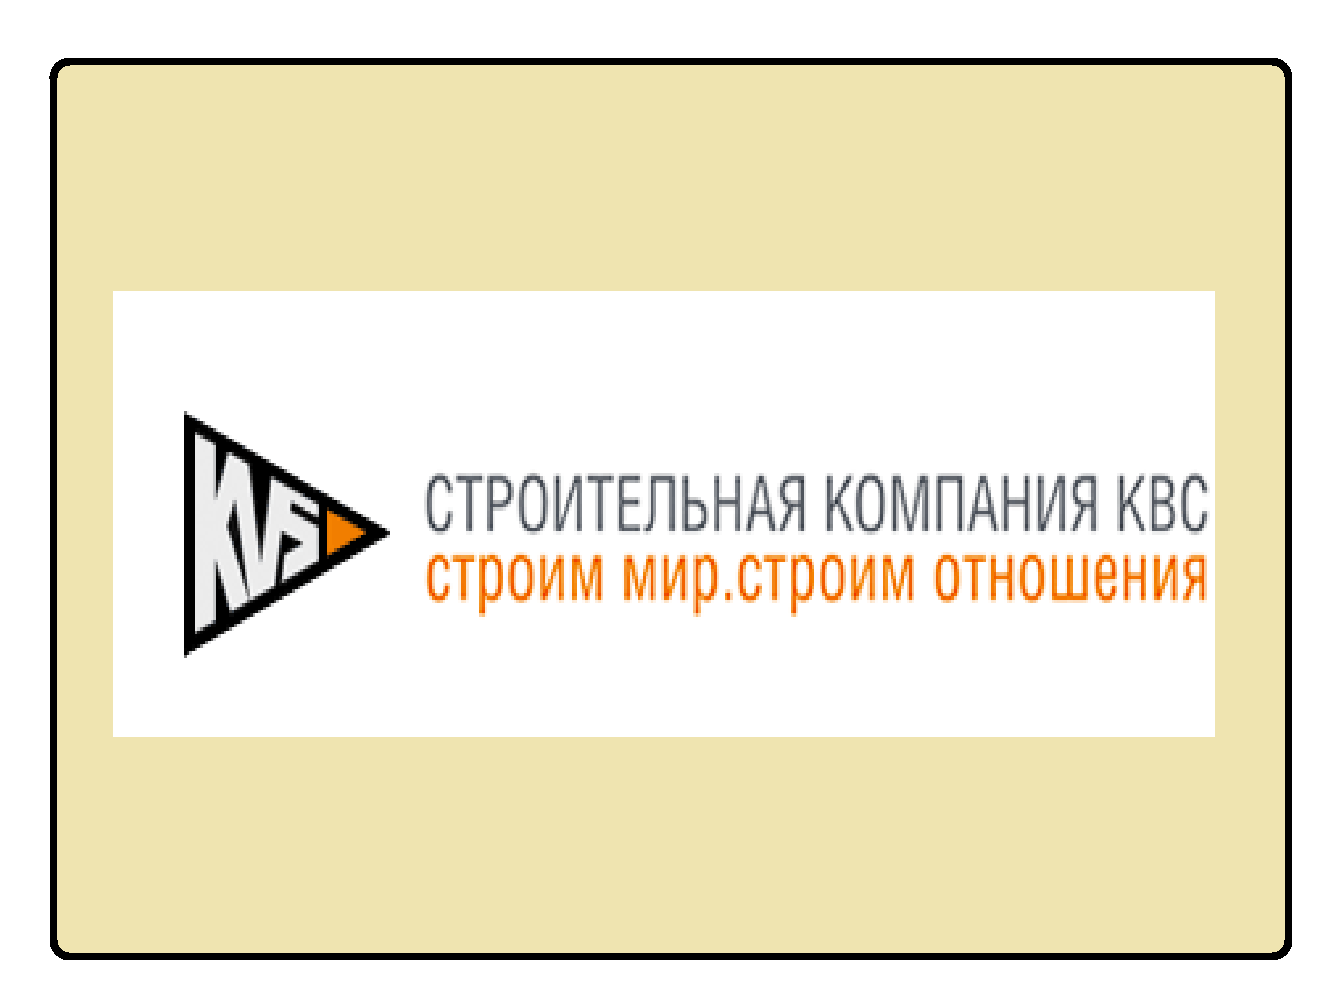 КВС СПб